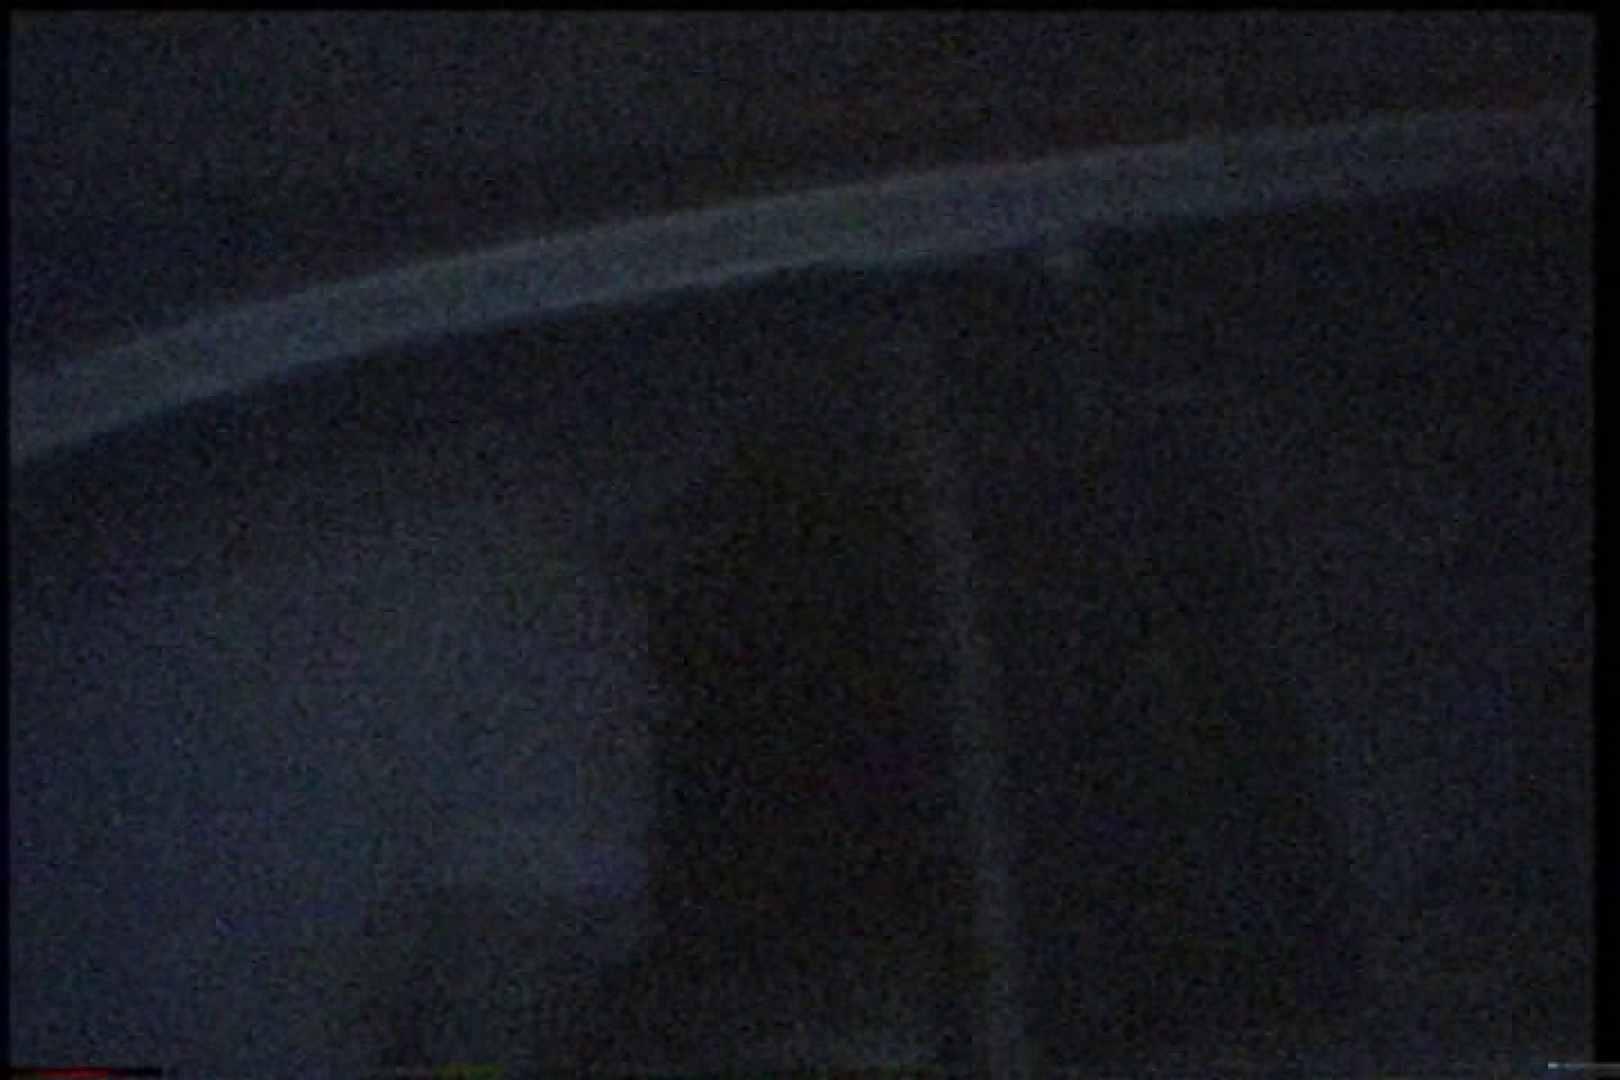 充血監督の深夜の運動会Vol.196 OLの実態  82pic 54